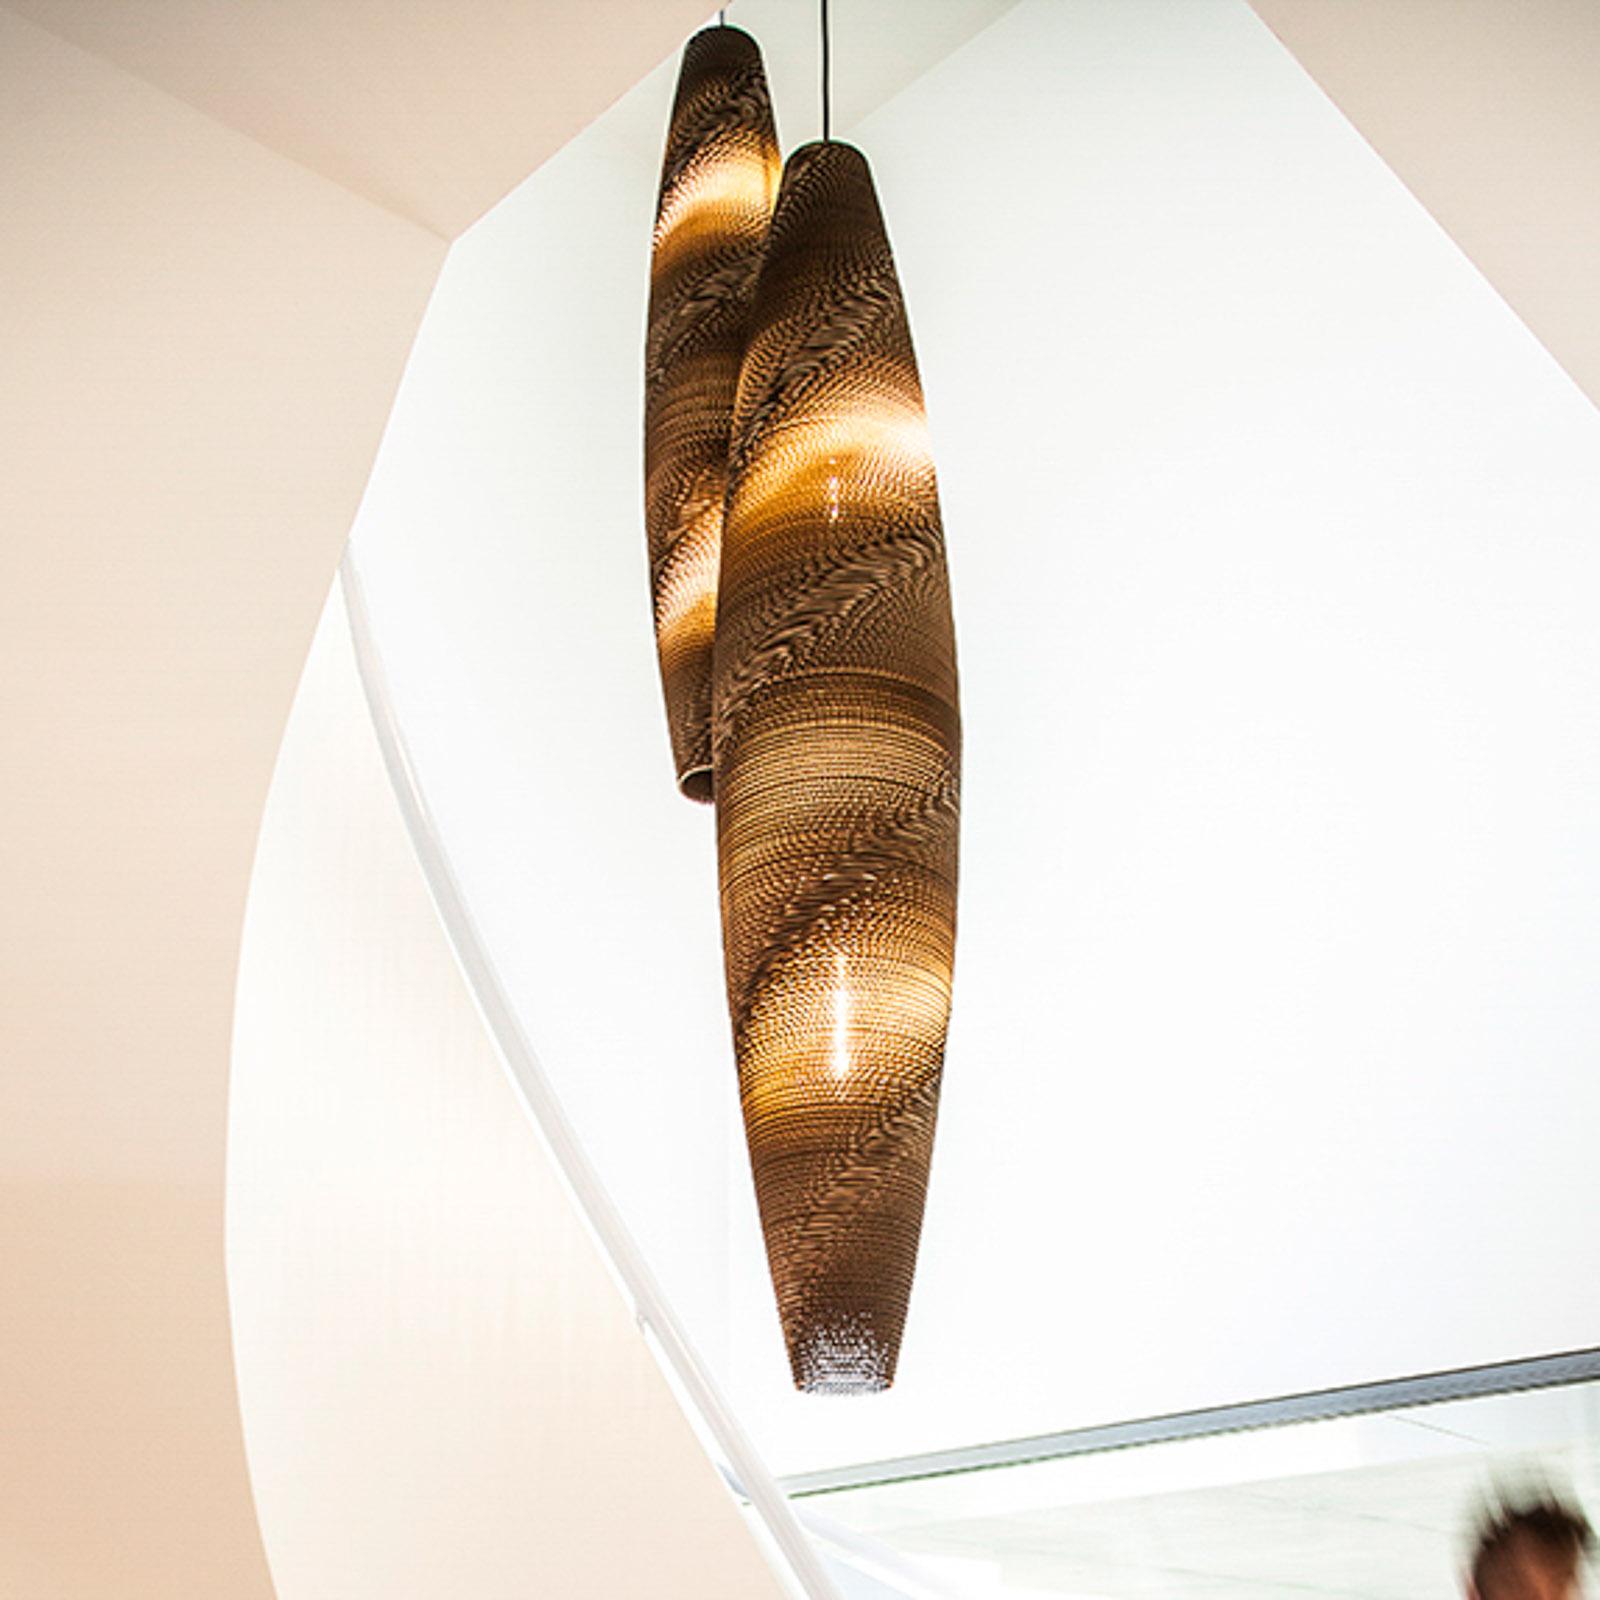 SEGULA Skinny lampa wisząca kartonowy klosz Ø 29cm